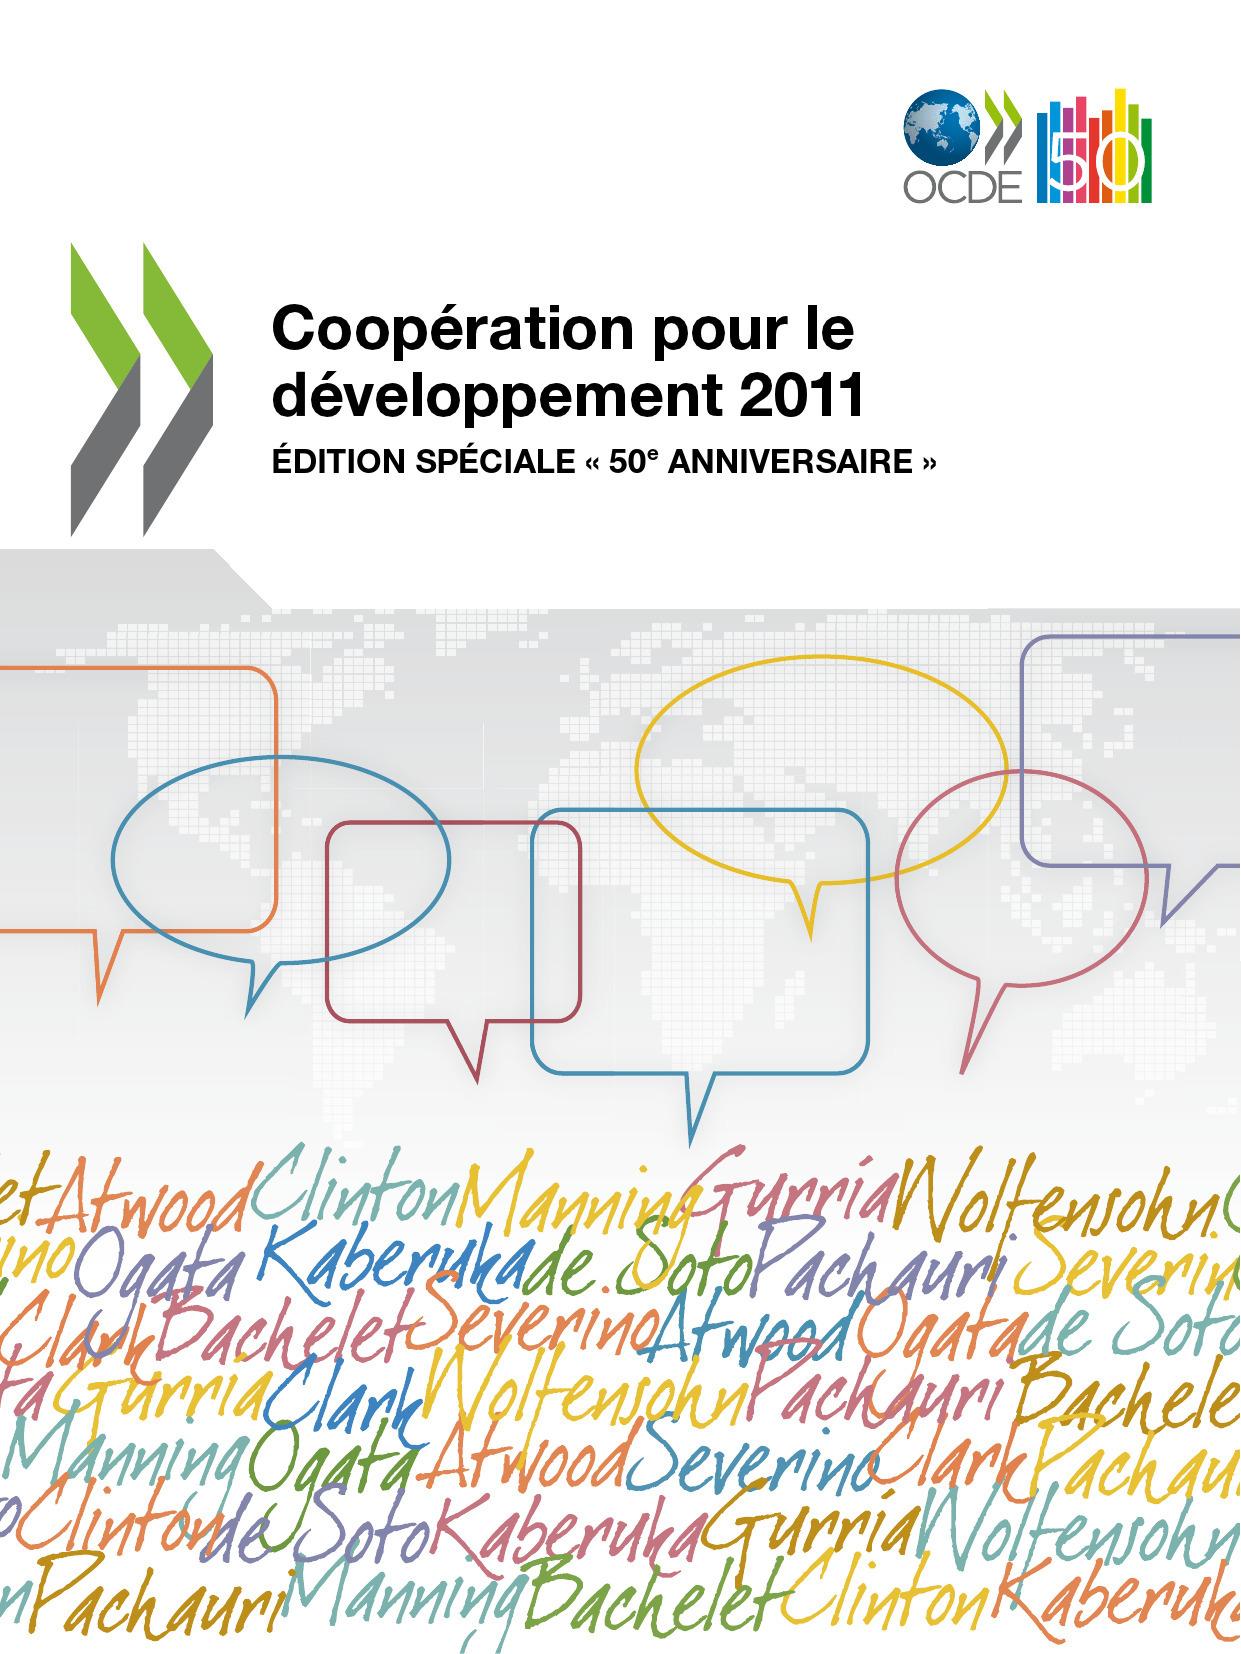 Collectif Coopération pour le développement 2011 ; édition spéciale 50e anniversaire